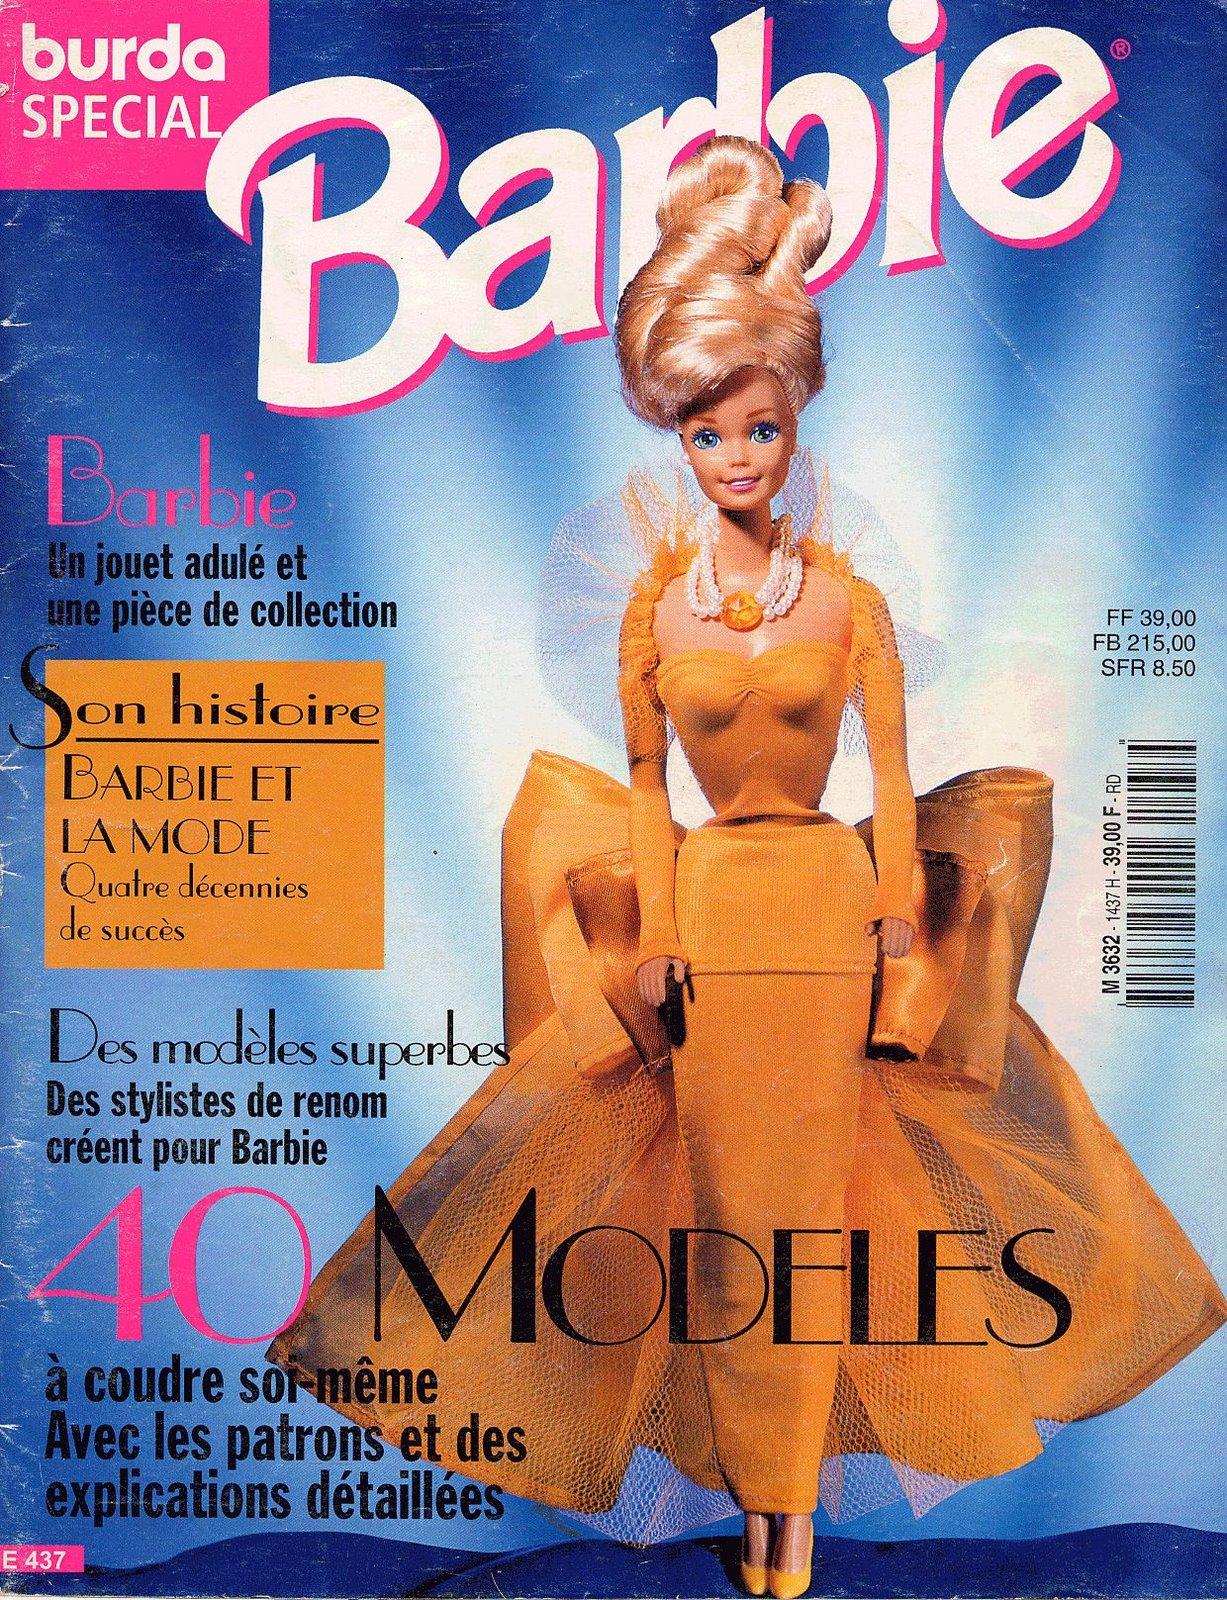 REVISTAS DE MANUALIDADES GRATIS: Burda especial Barbie